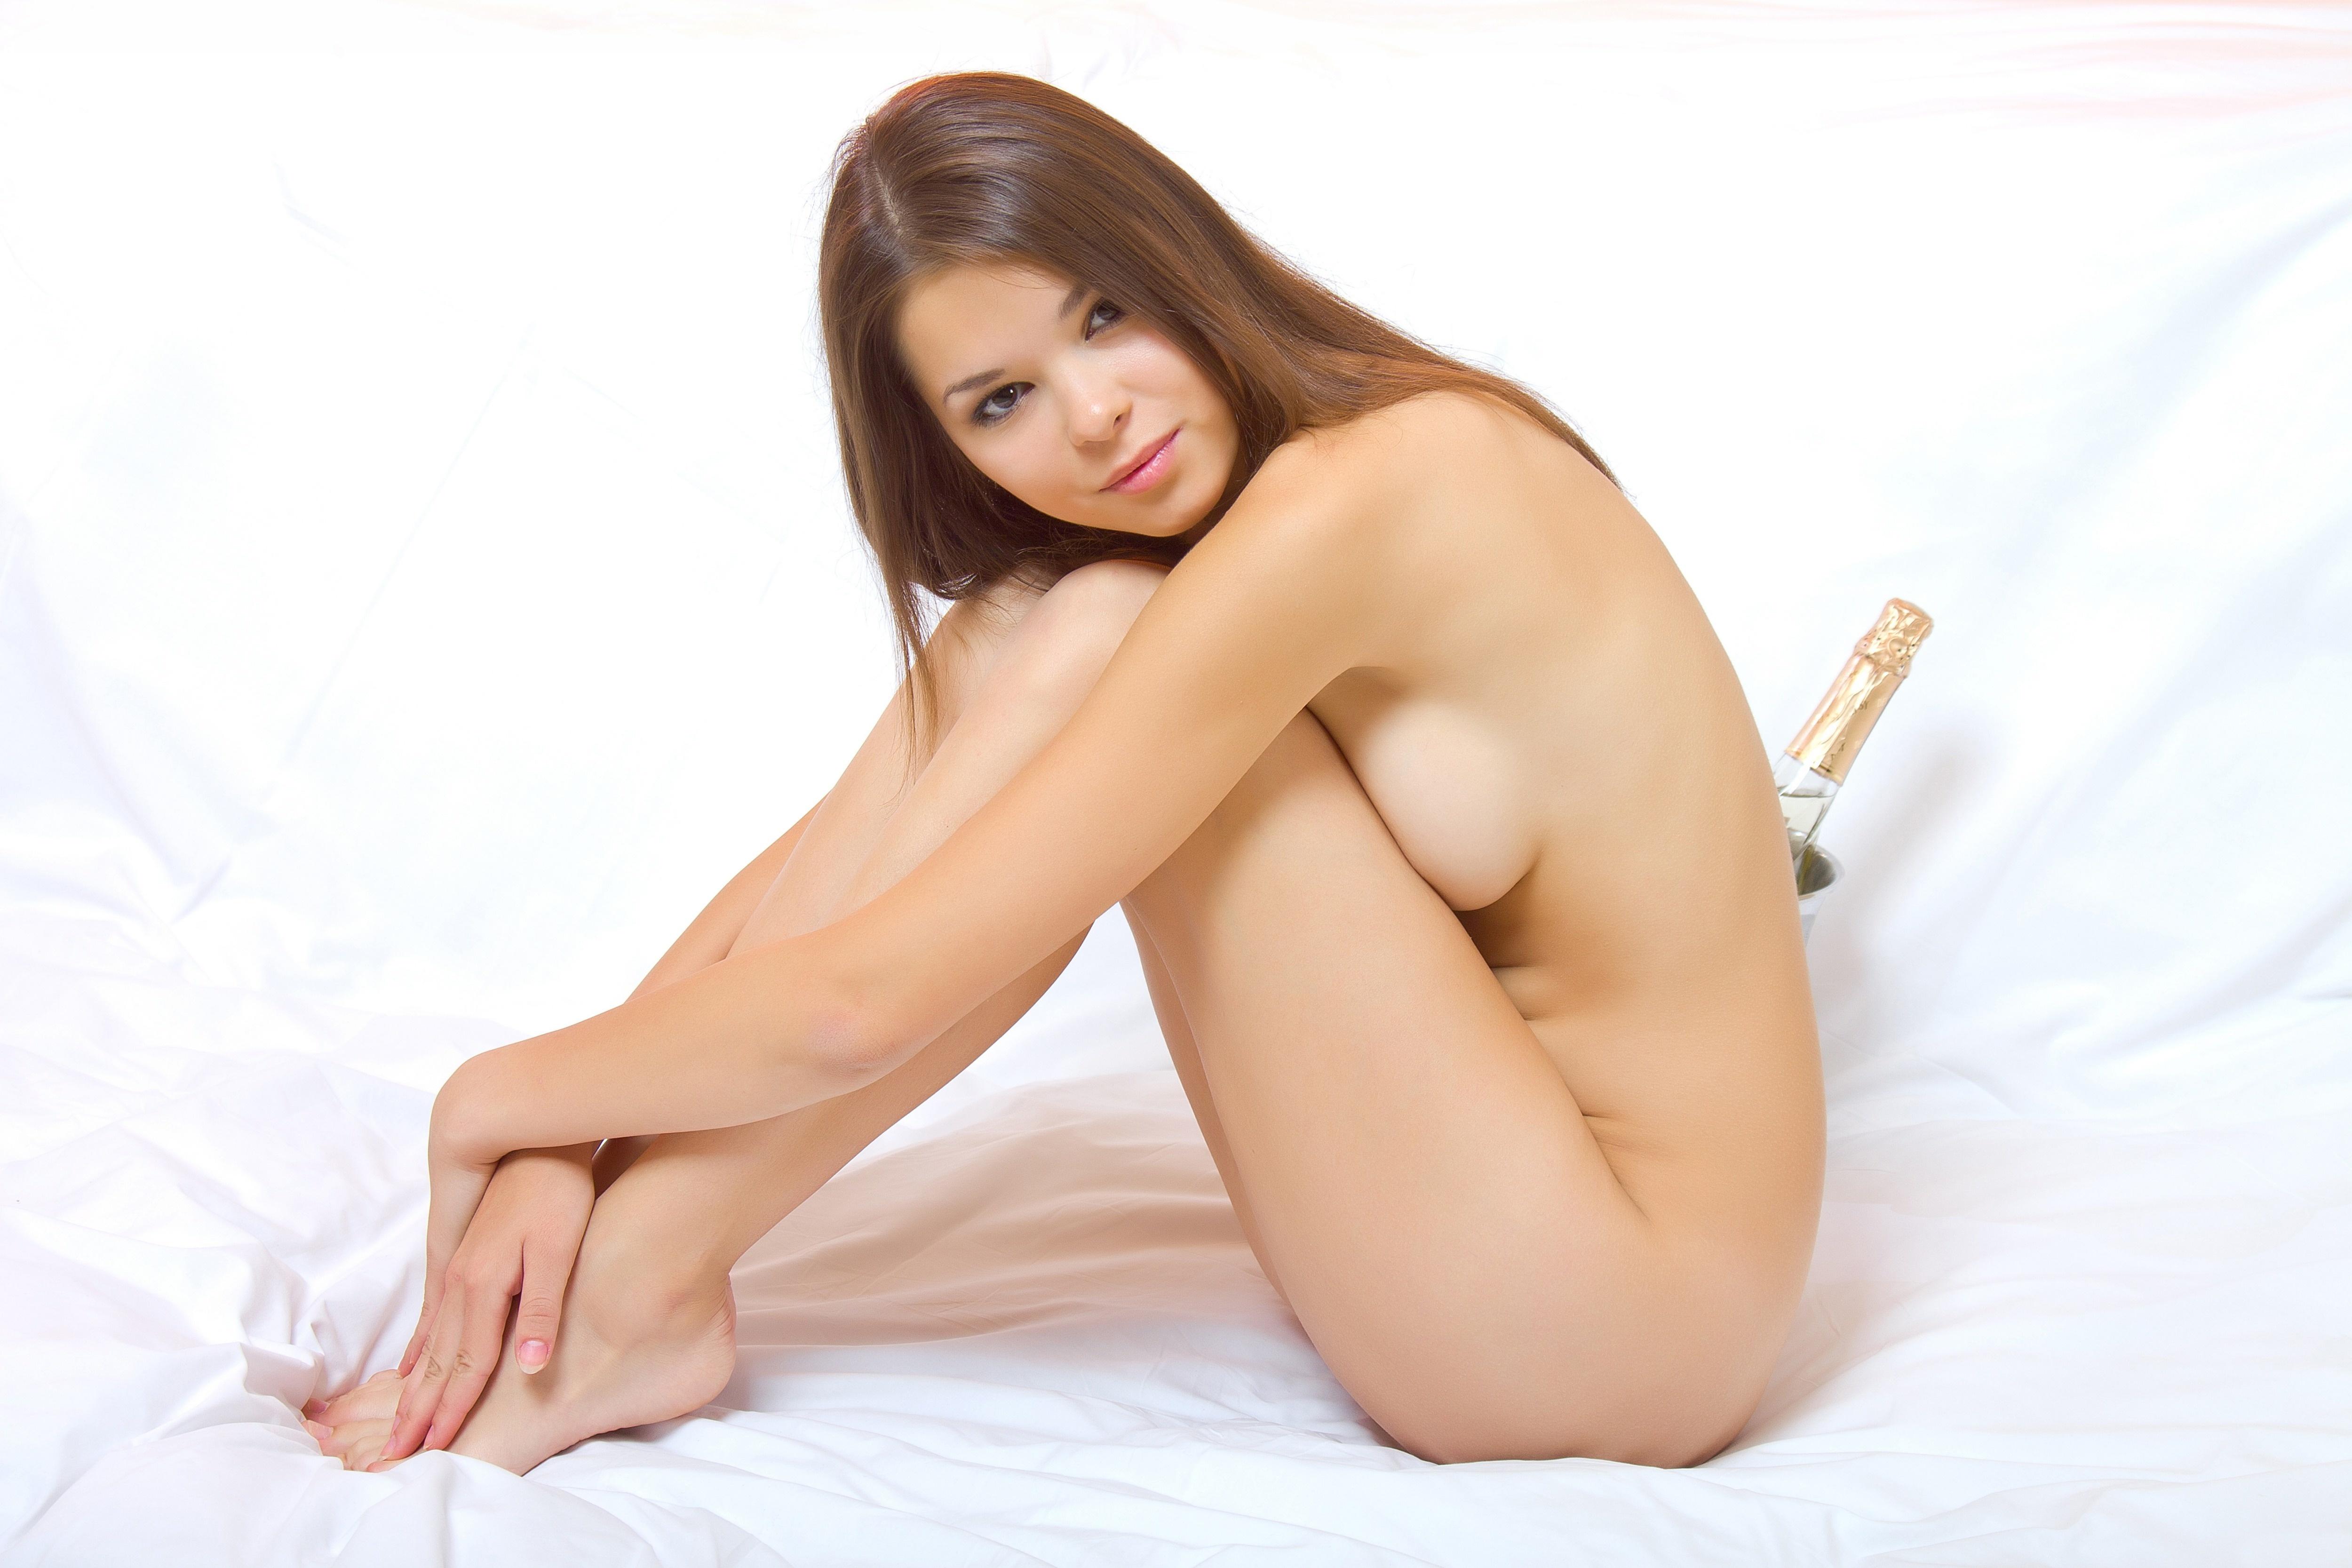 Nastya nude girls